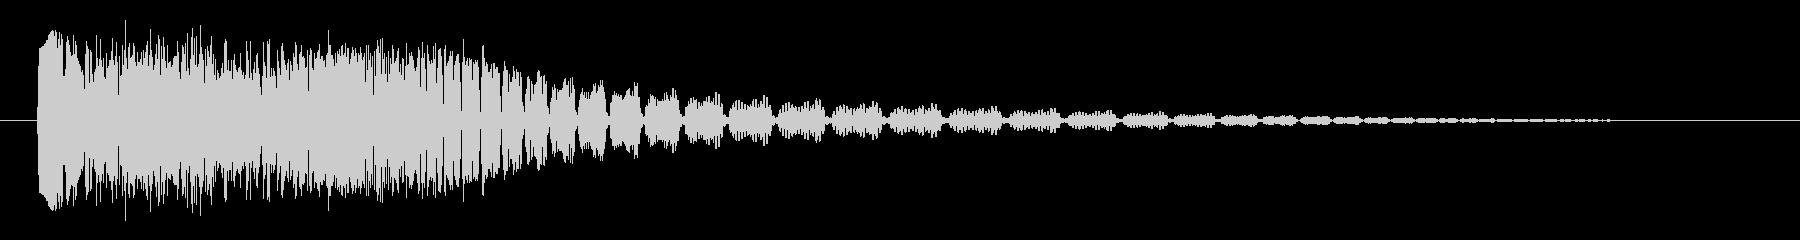 ボタン音(アプリ向け)の未再生の波形